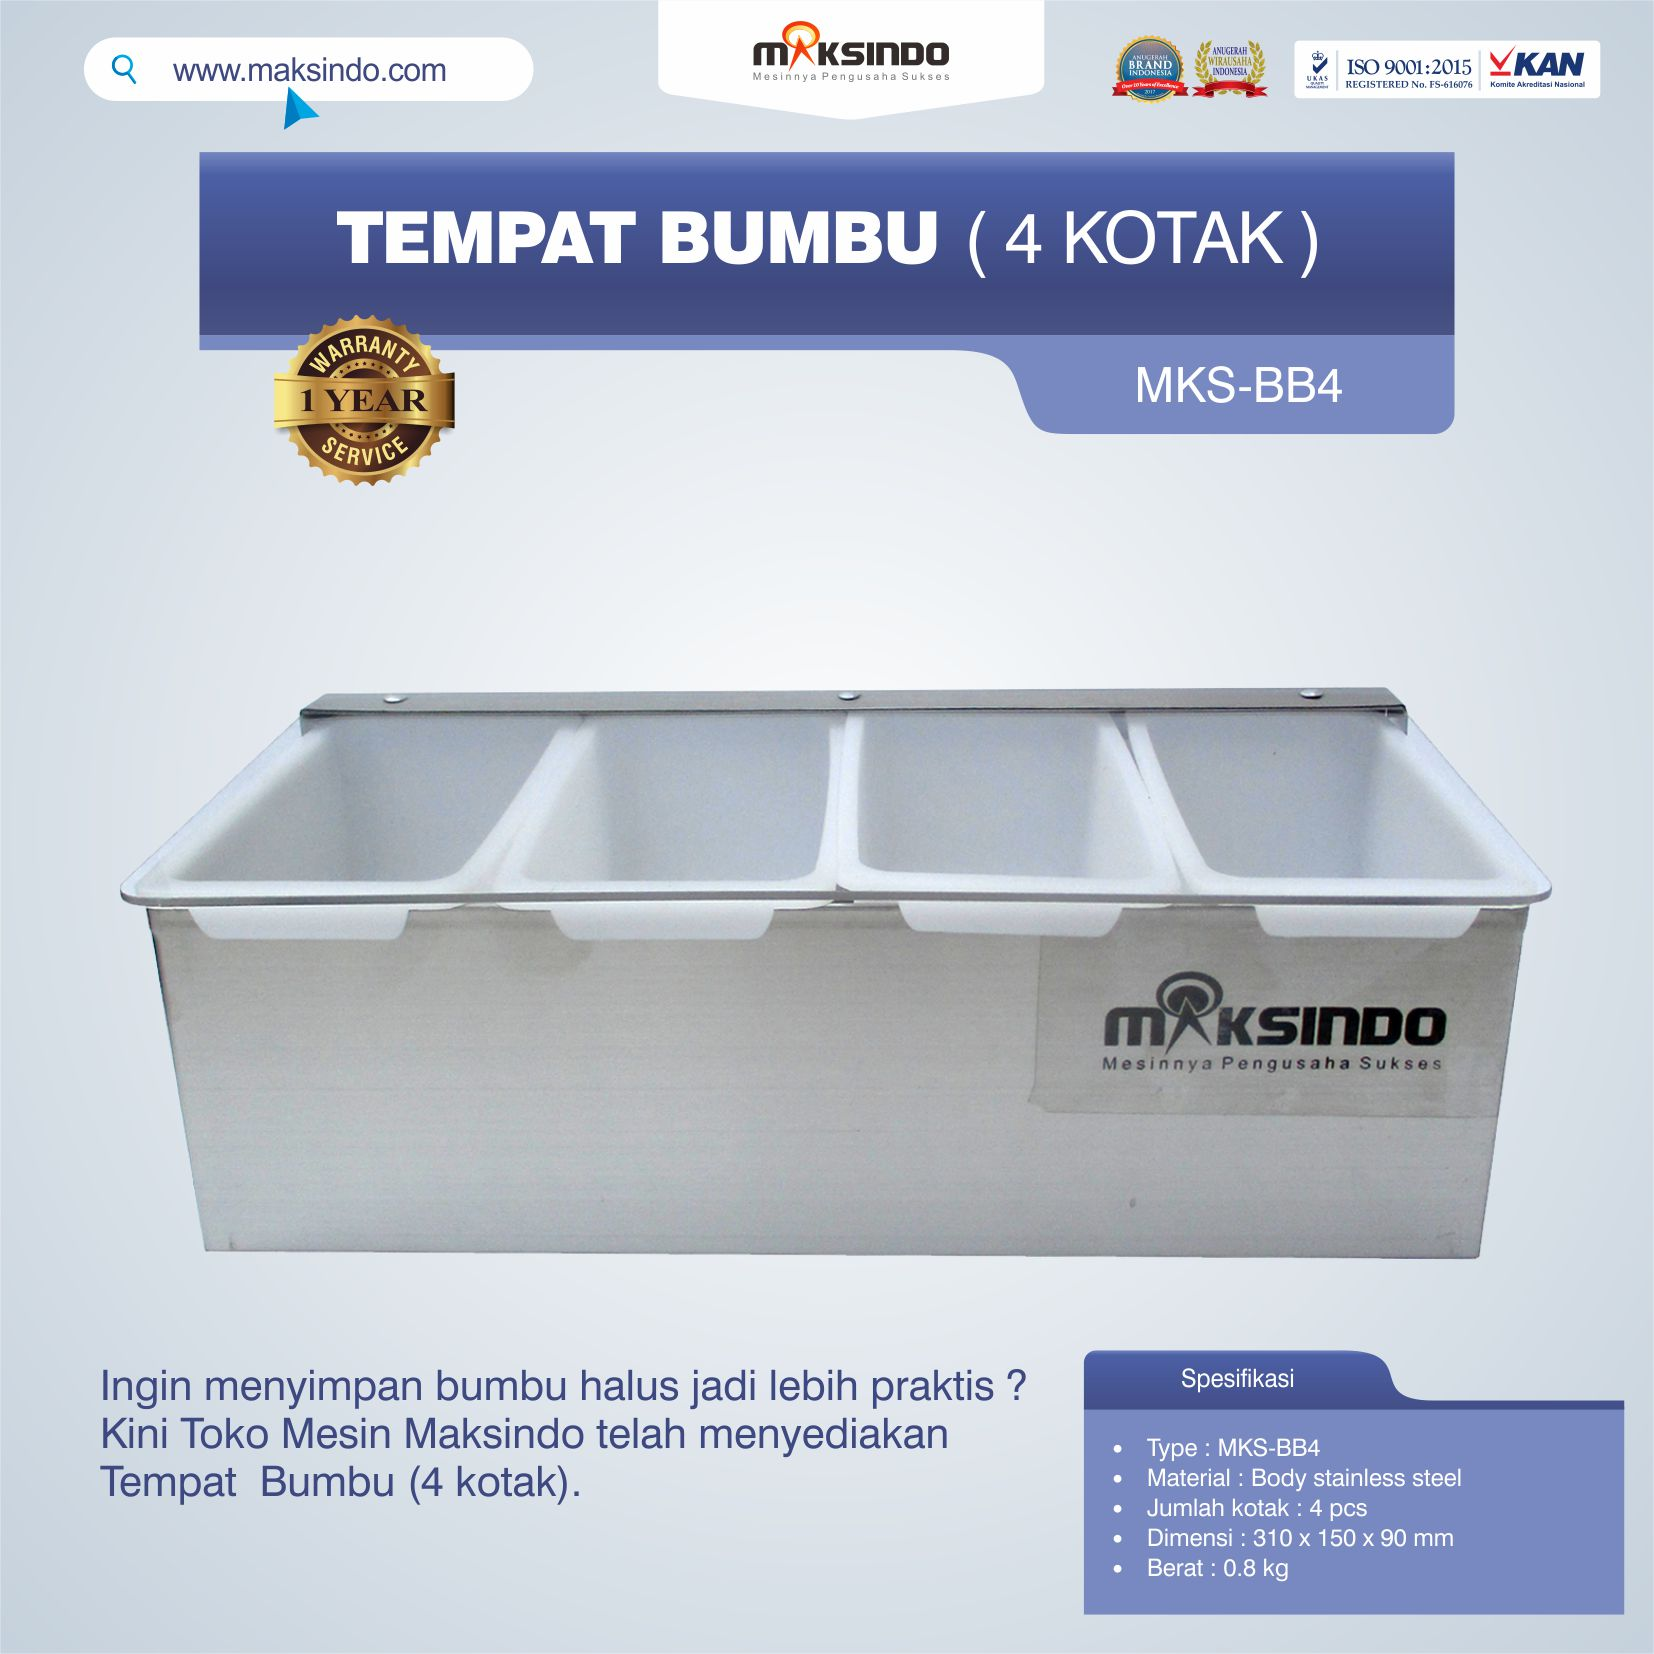 Jual Tempat Bumbu (4 kotak) di Malang